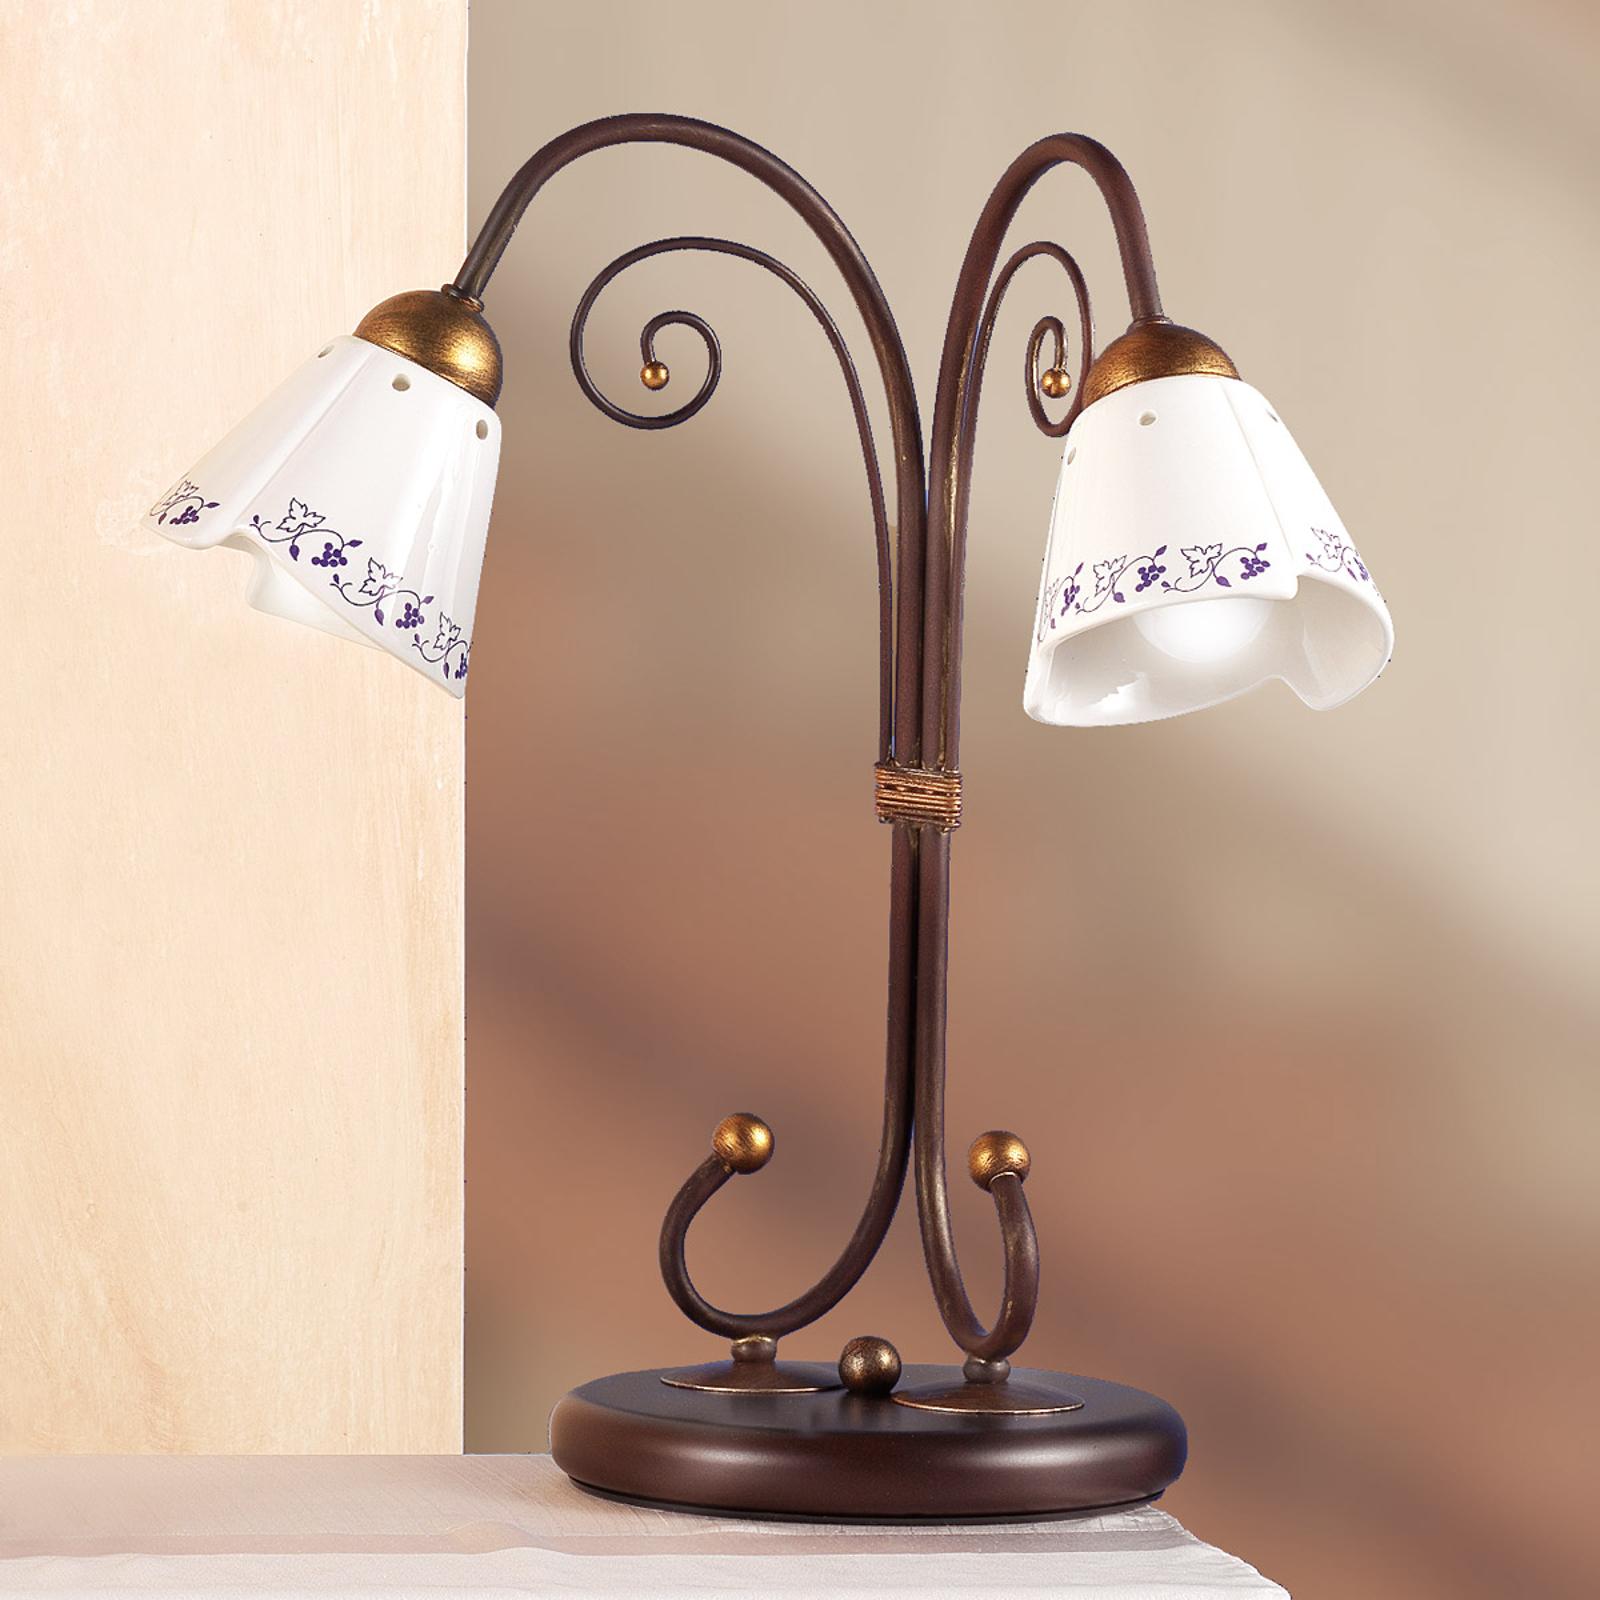 Elegante lampada da tavolo CARTOCCIO, 2 punti luce